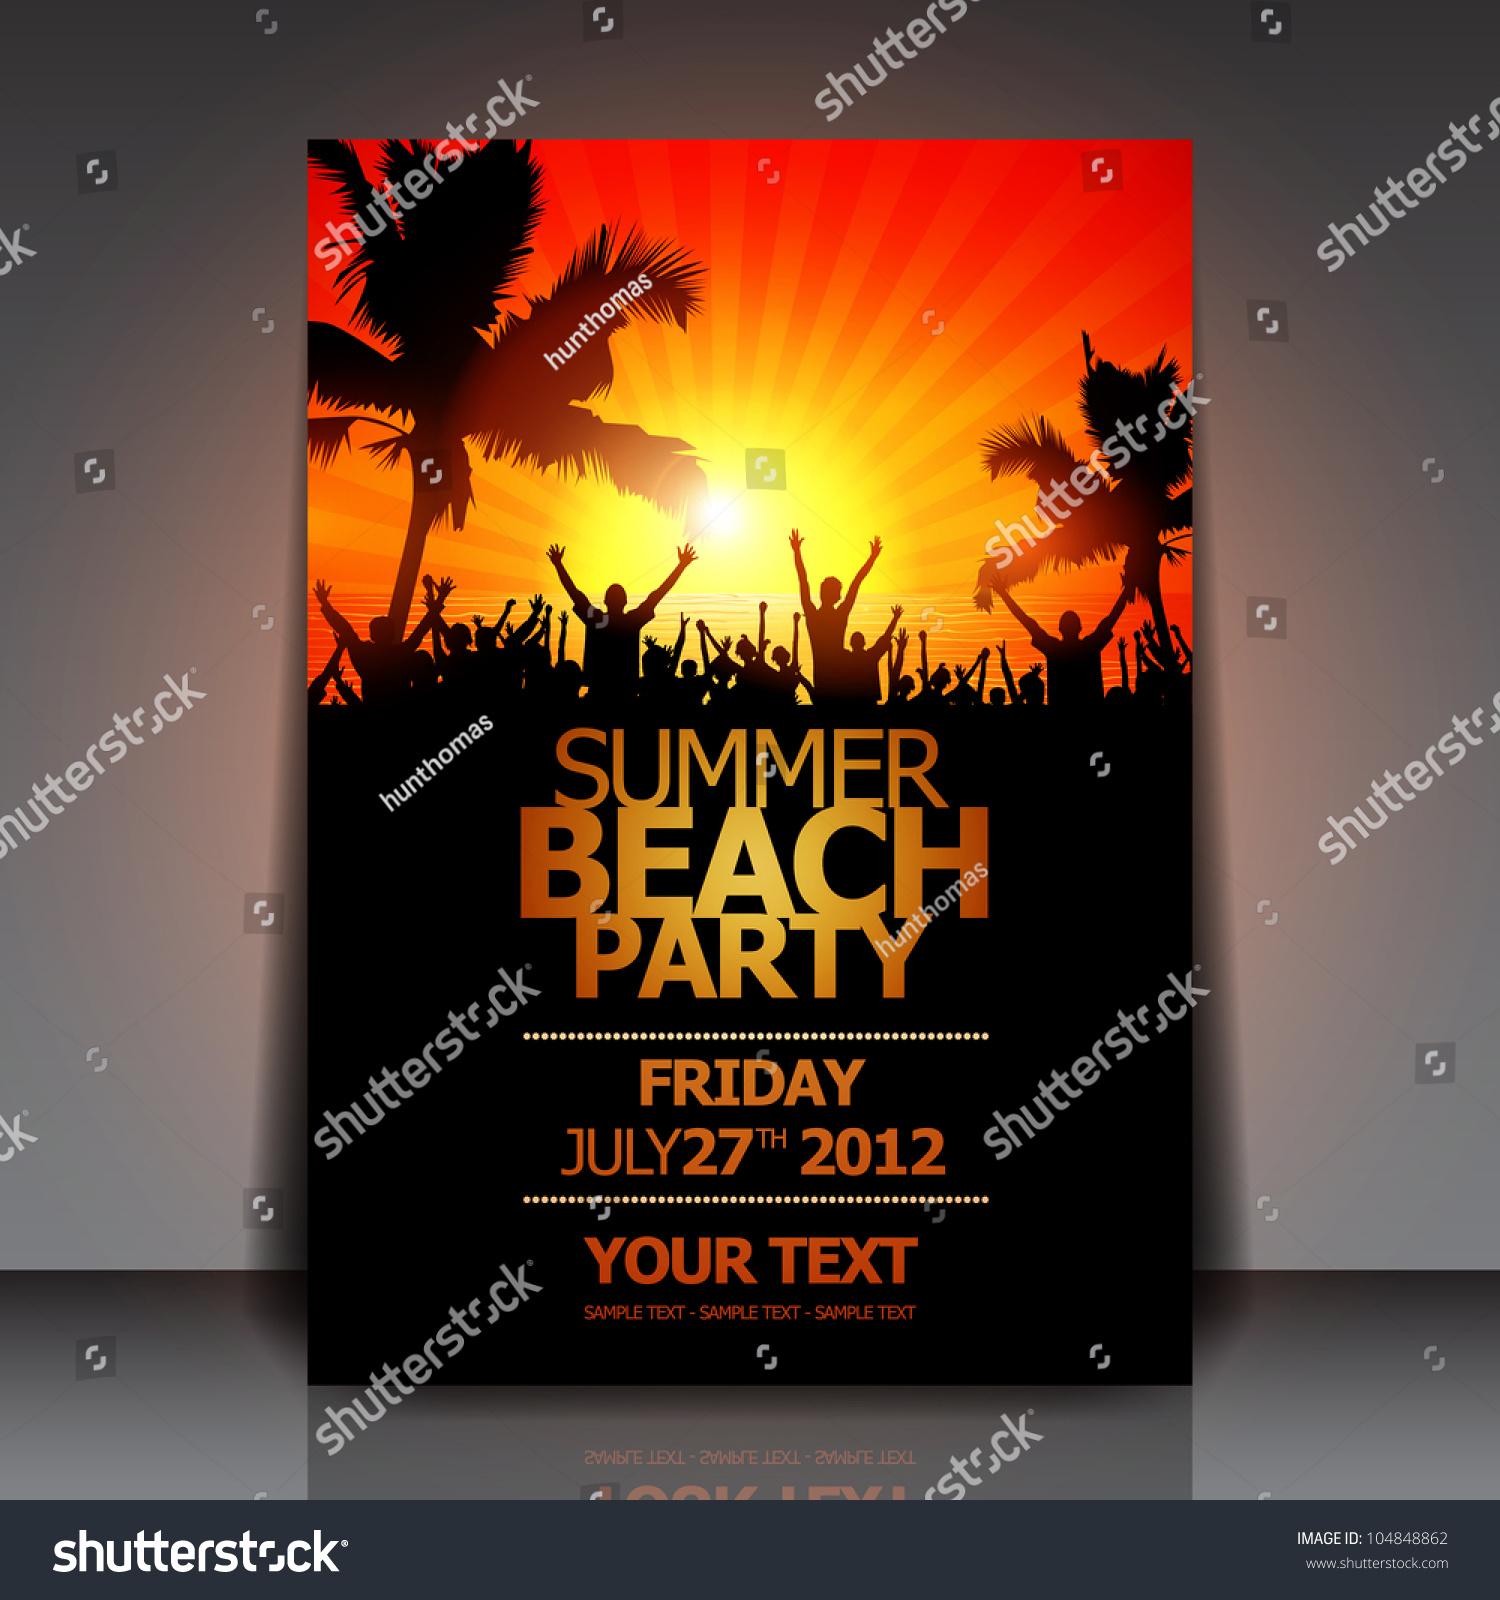 Summer Beach Party Flyer Vector Design Stock Vector